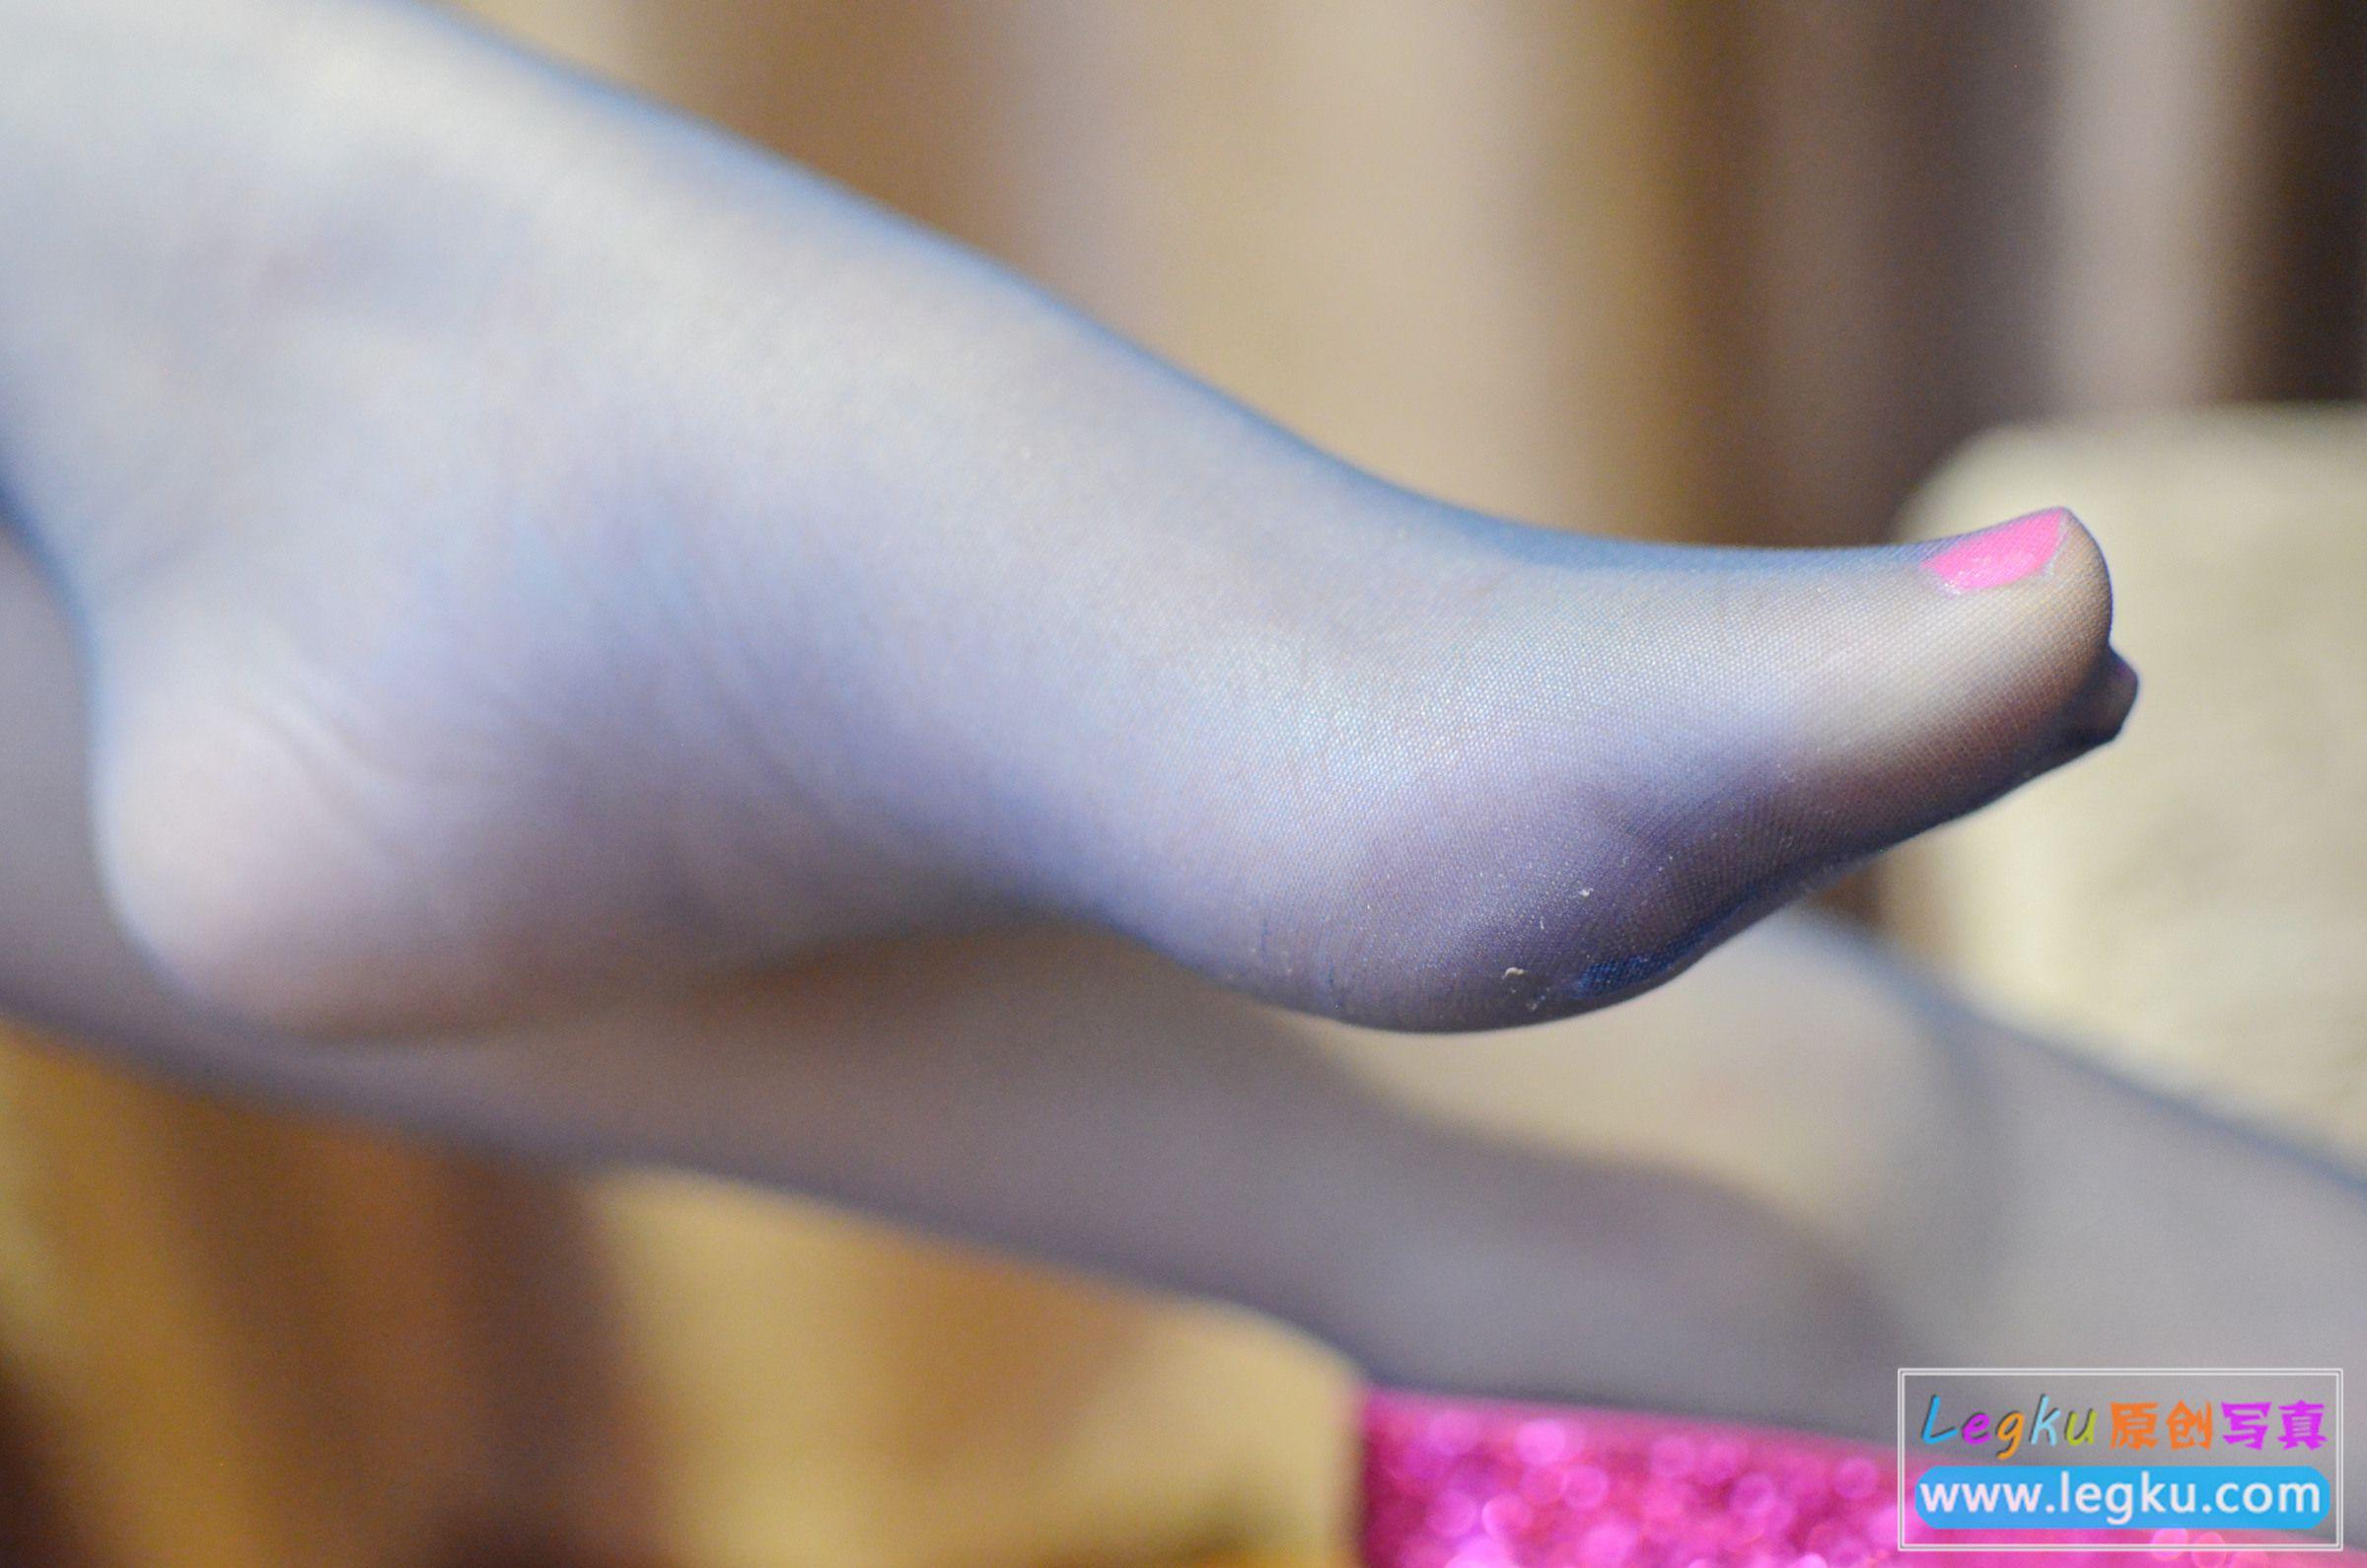 黑丝美腿红高跟 写真套图